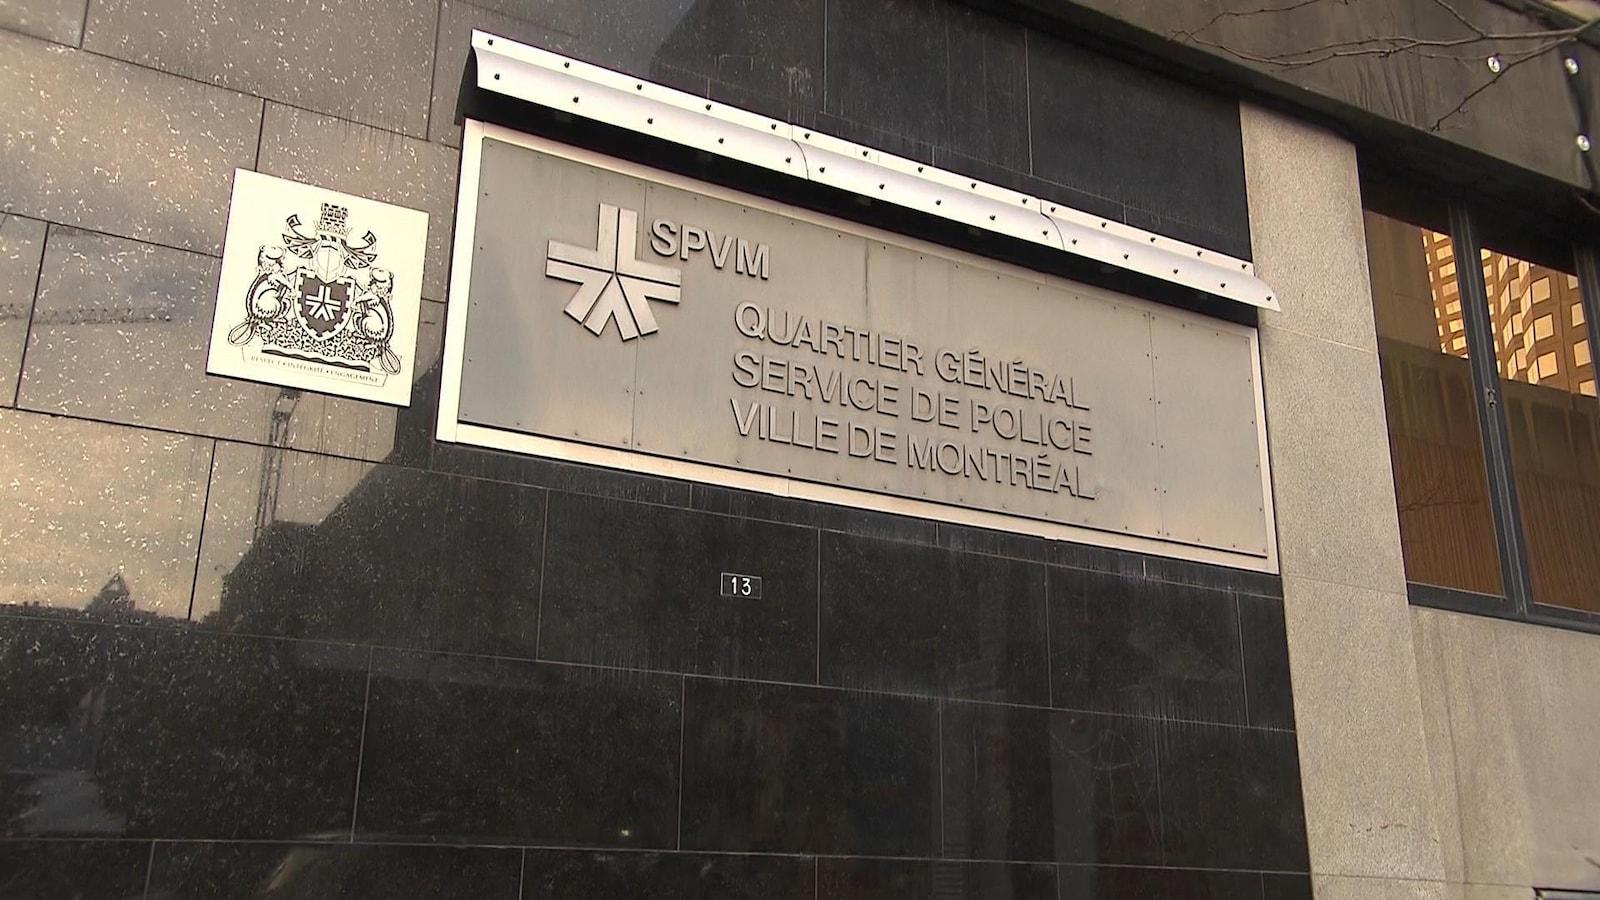 Façade du quartier général du Service de police de la Ville de Montréal (SPVM), au centre-ville de Montréal.